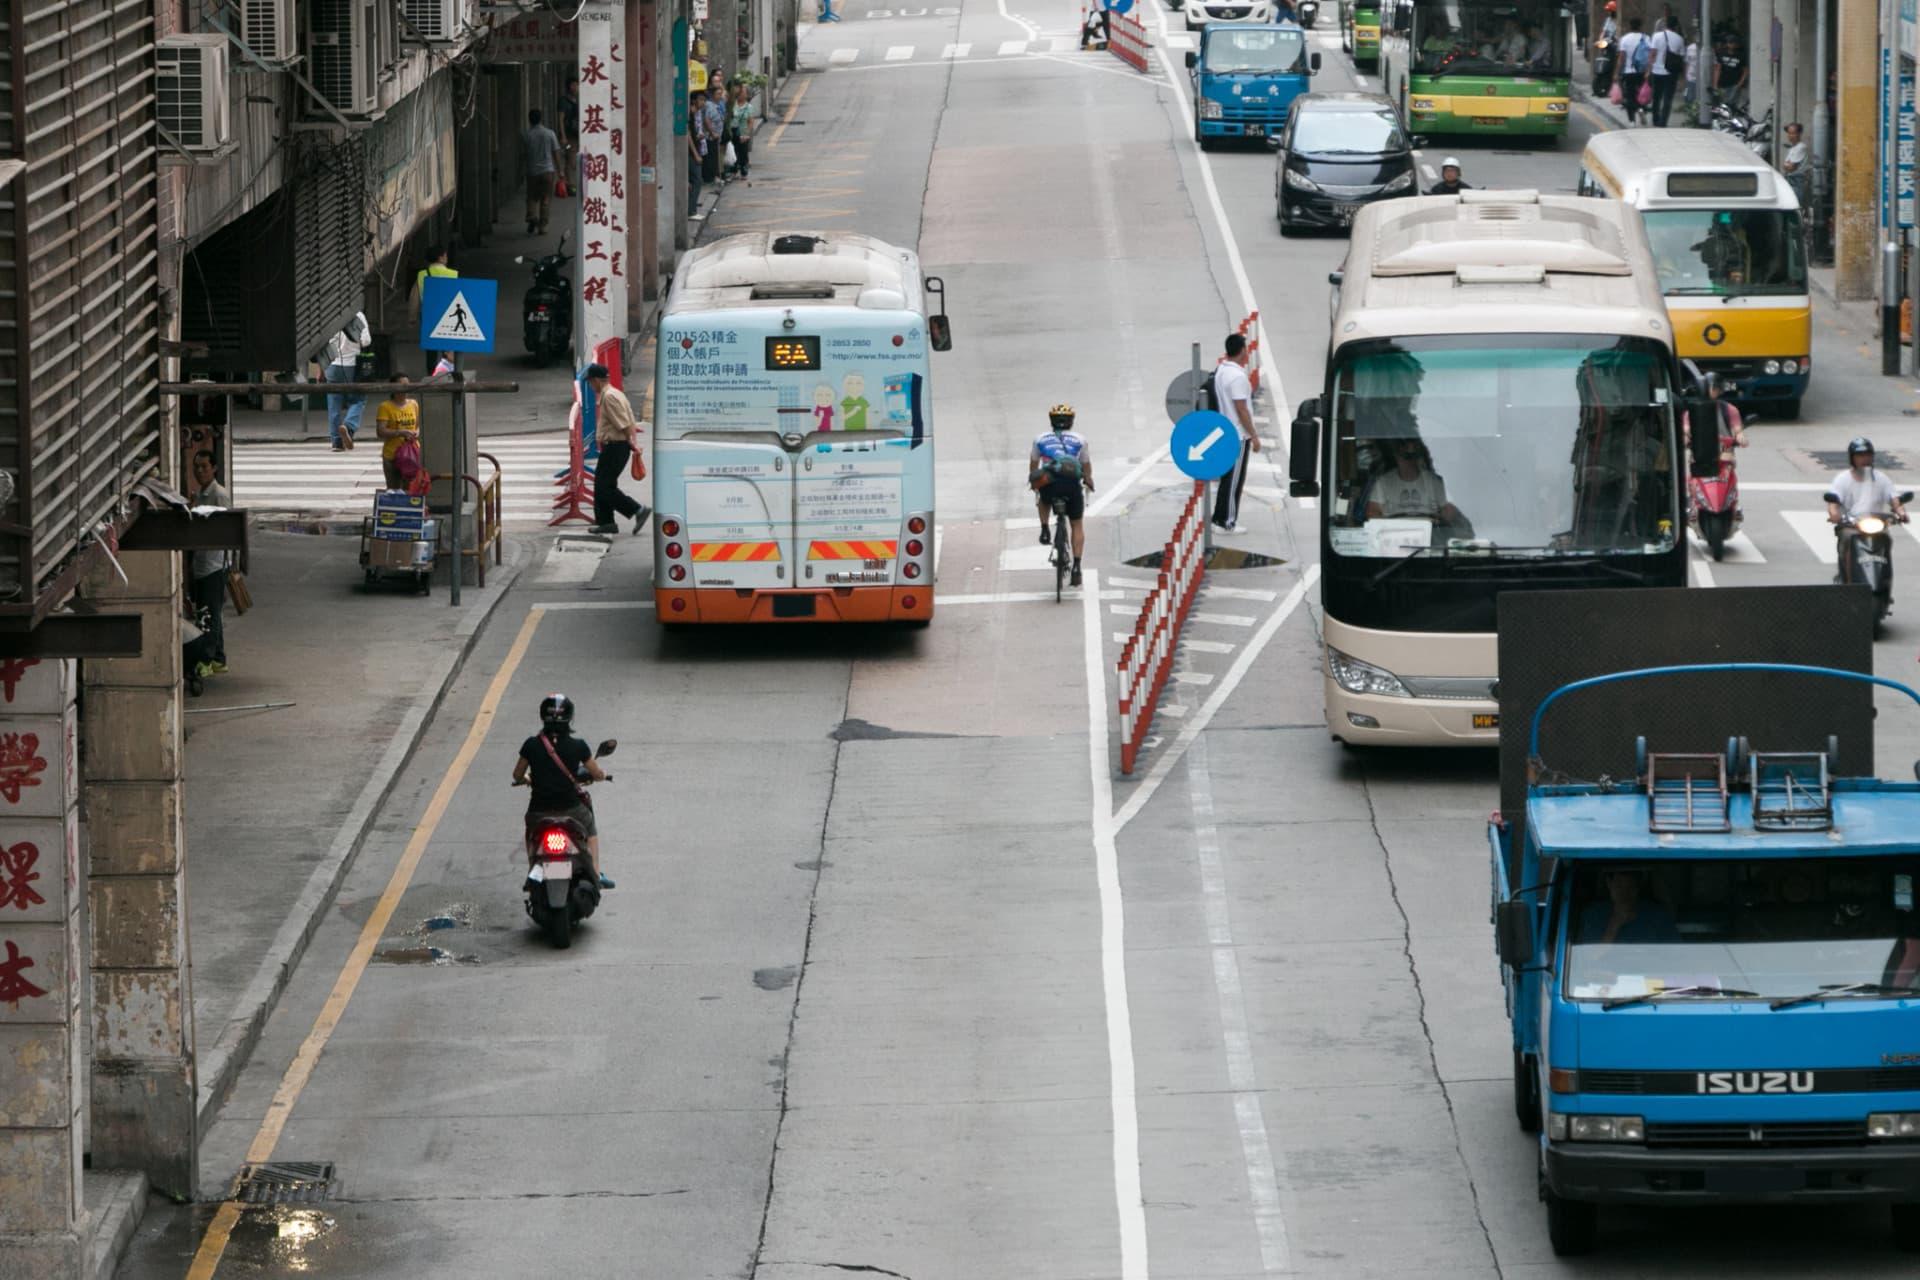 媽閣公交專道首日試行 誤闖者眾 交局:駕駛者看不清指示 : 論盡媒體 AllAboutMacau Media